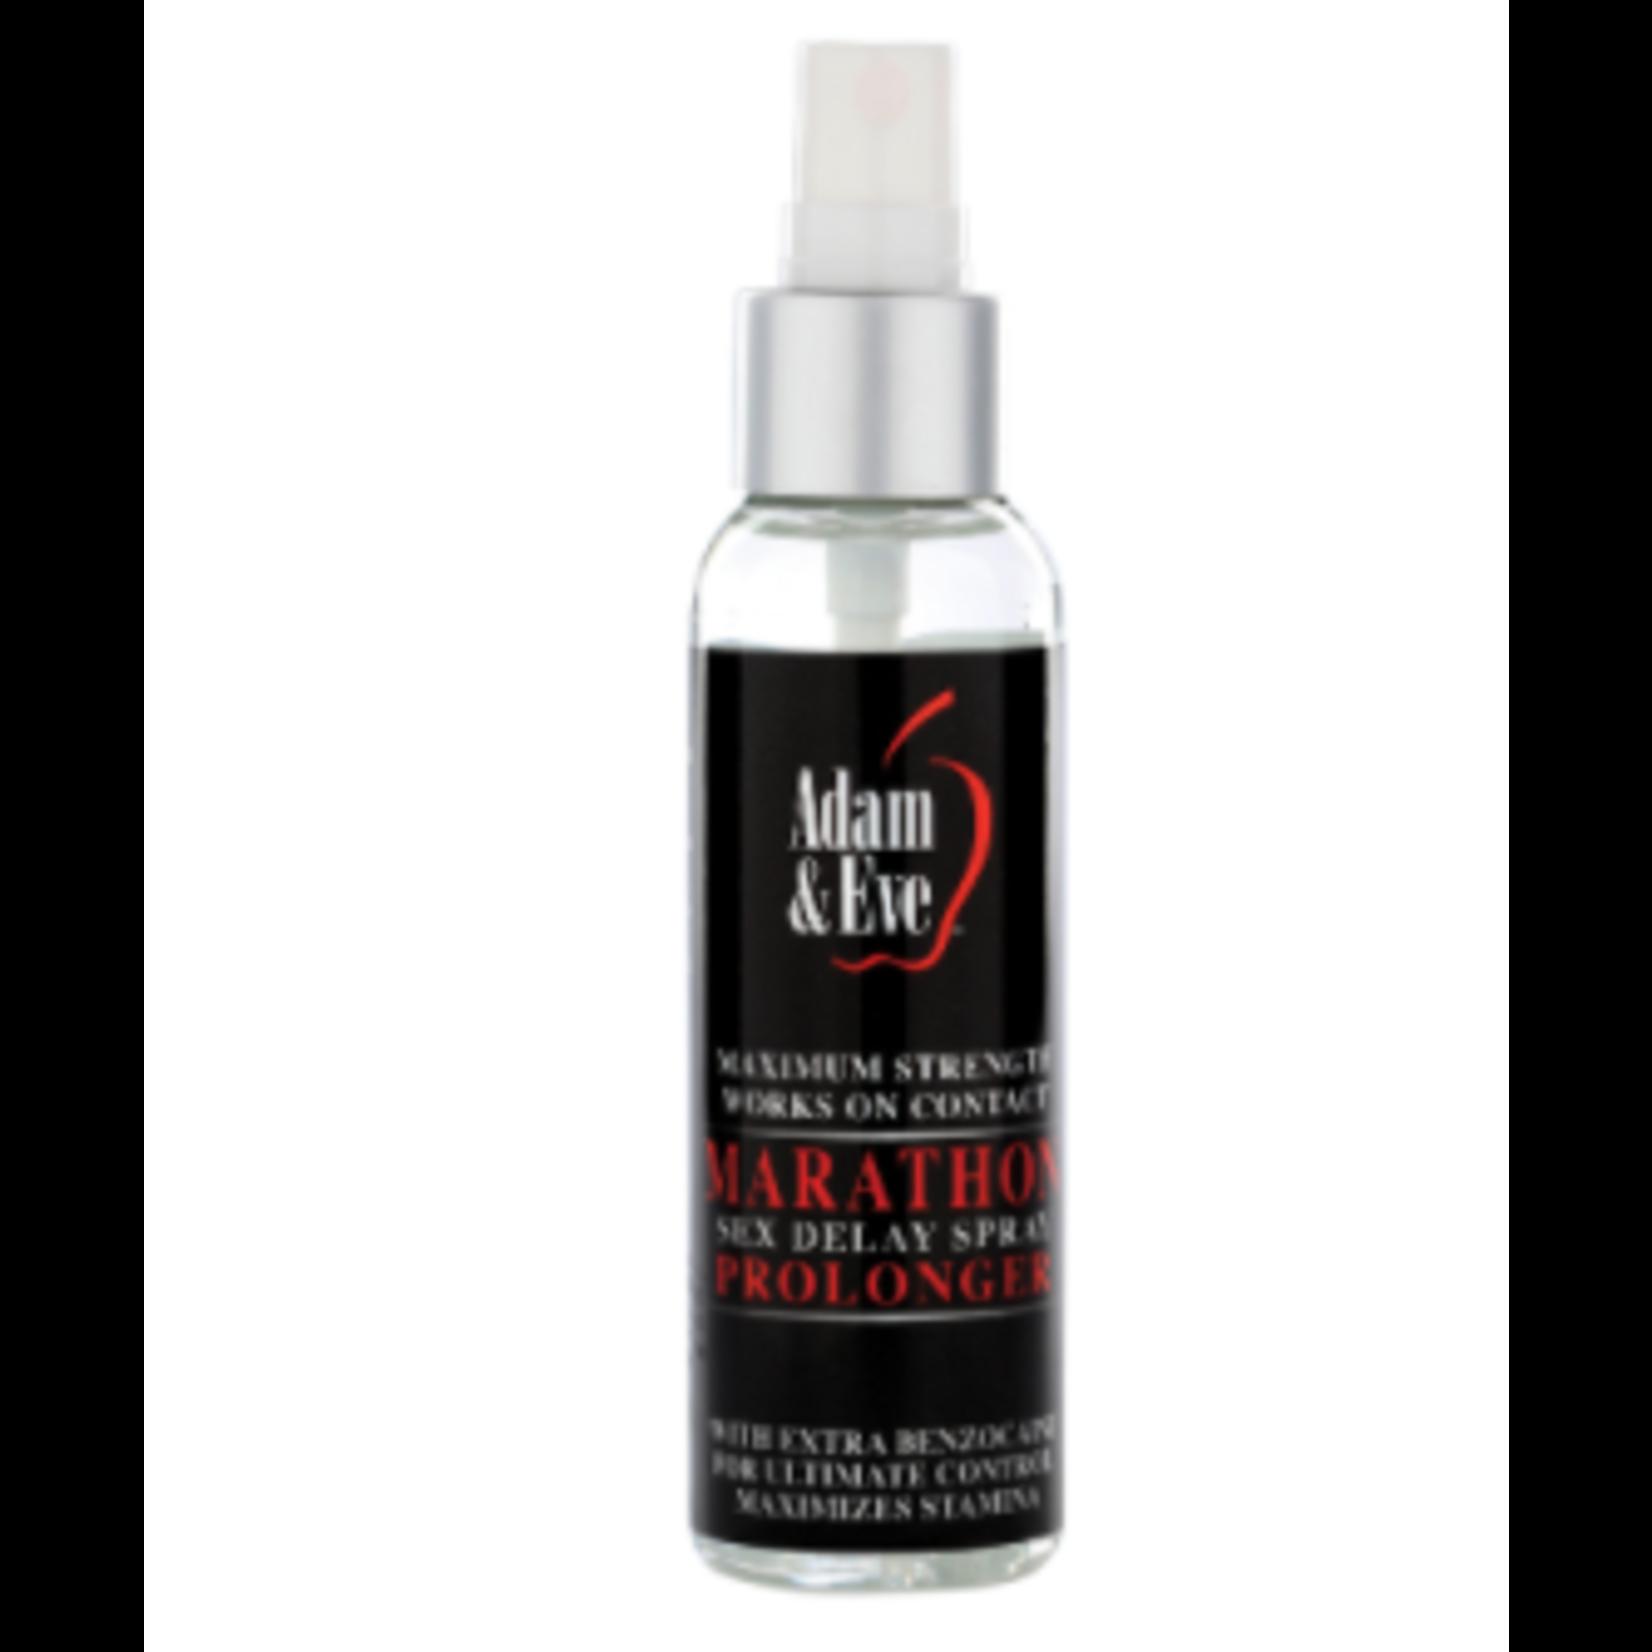 Adam & Eve Marathon Sex Delay Maximum Spray 2oz